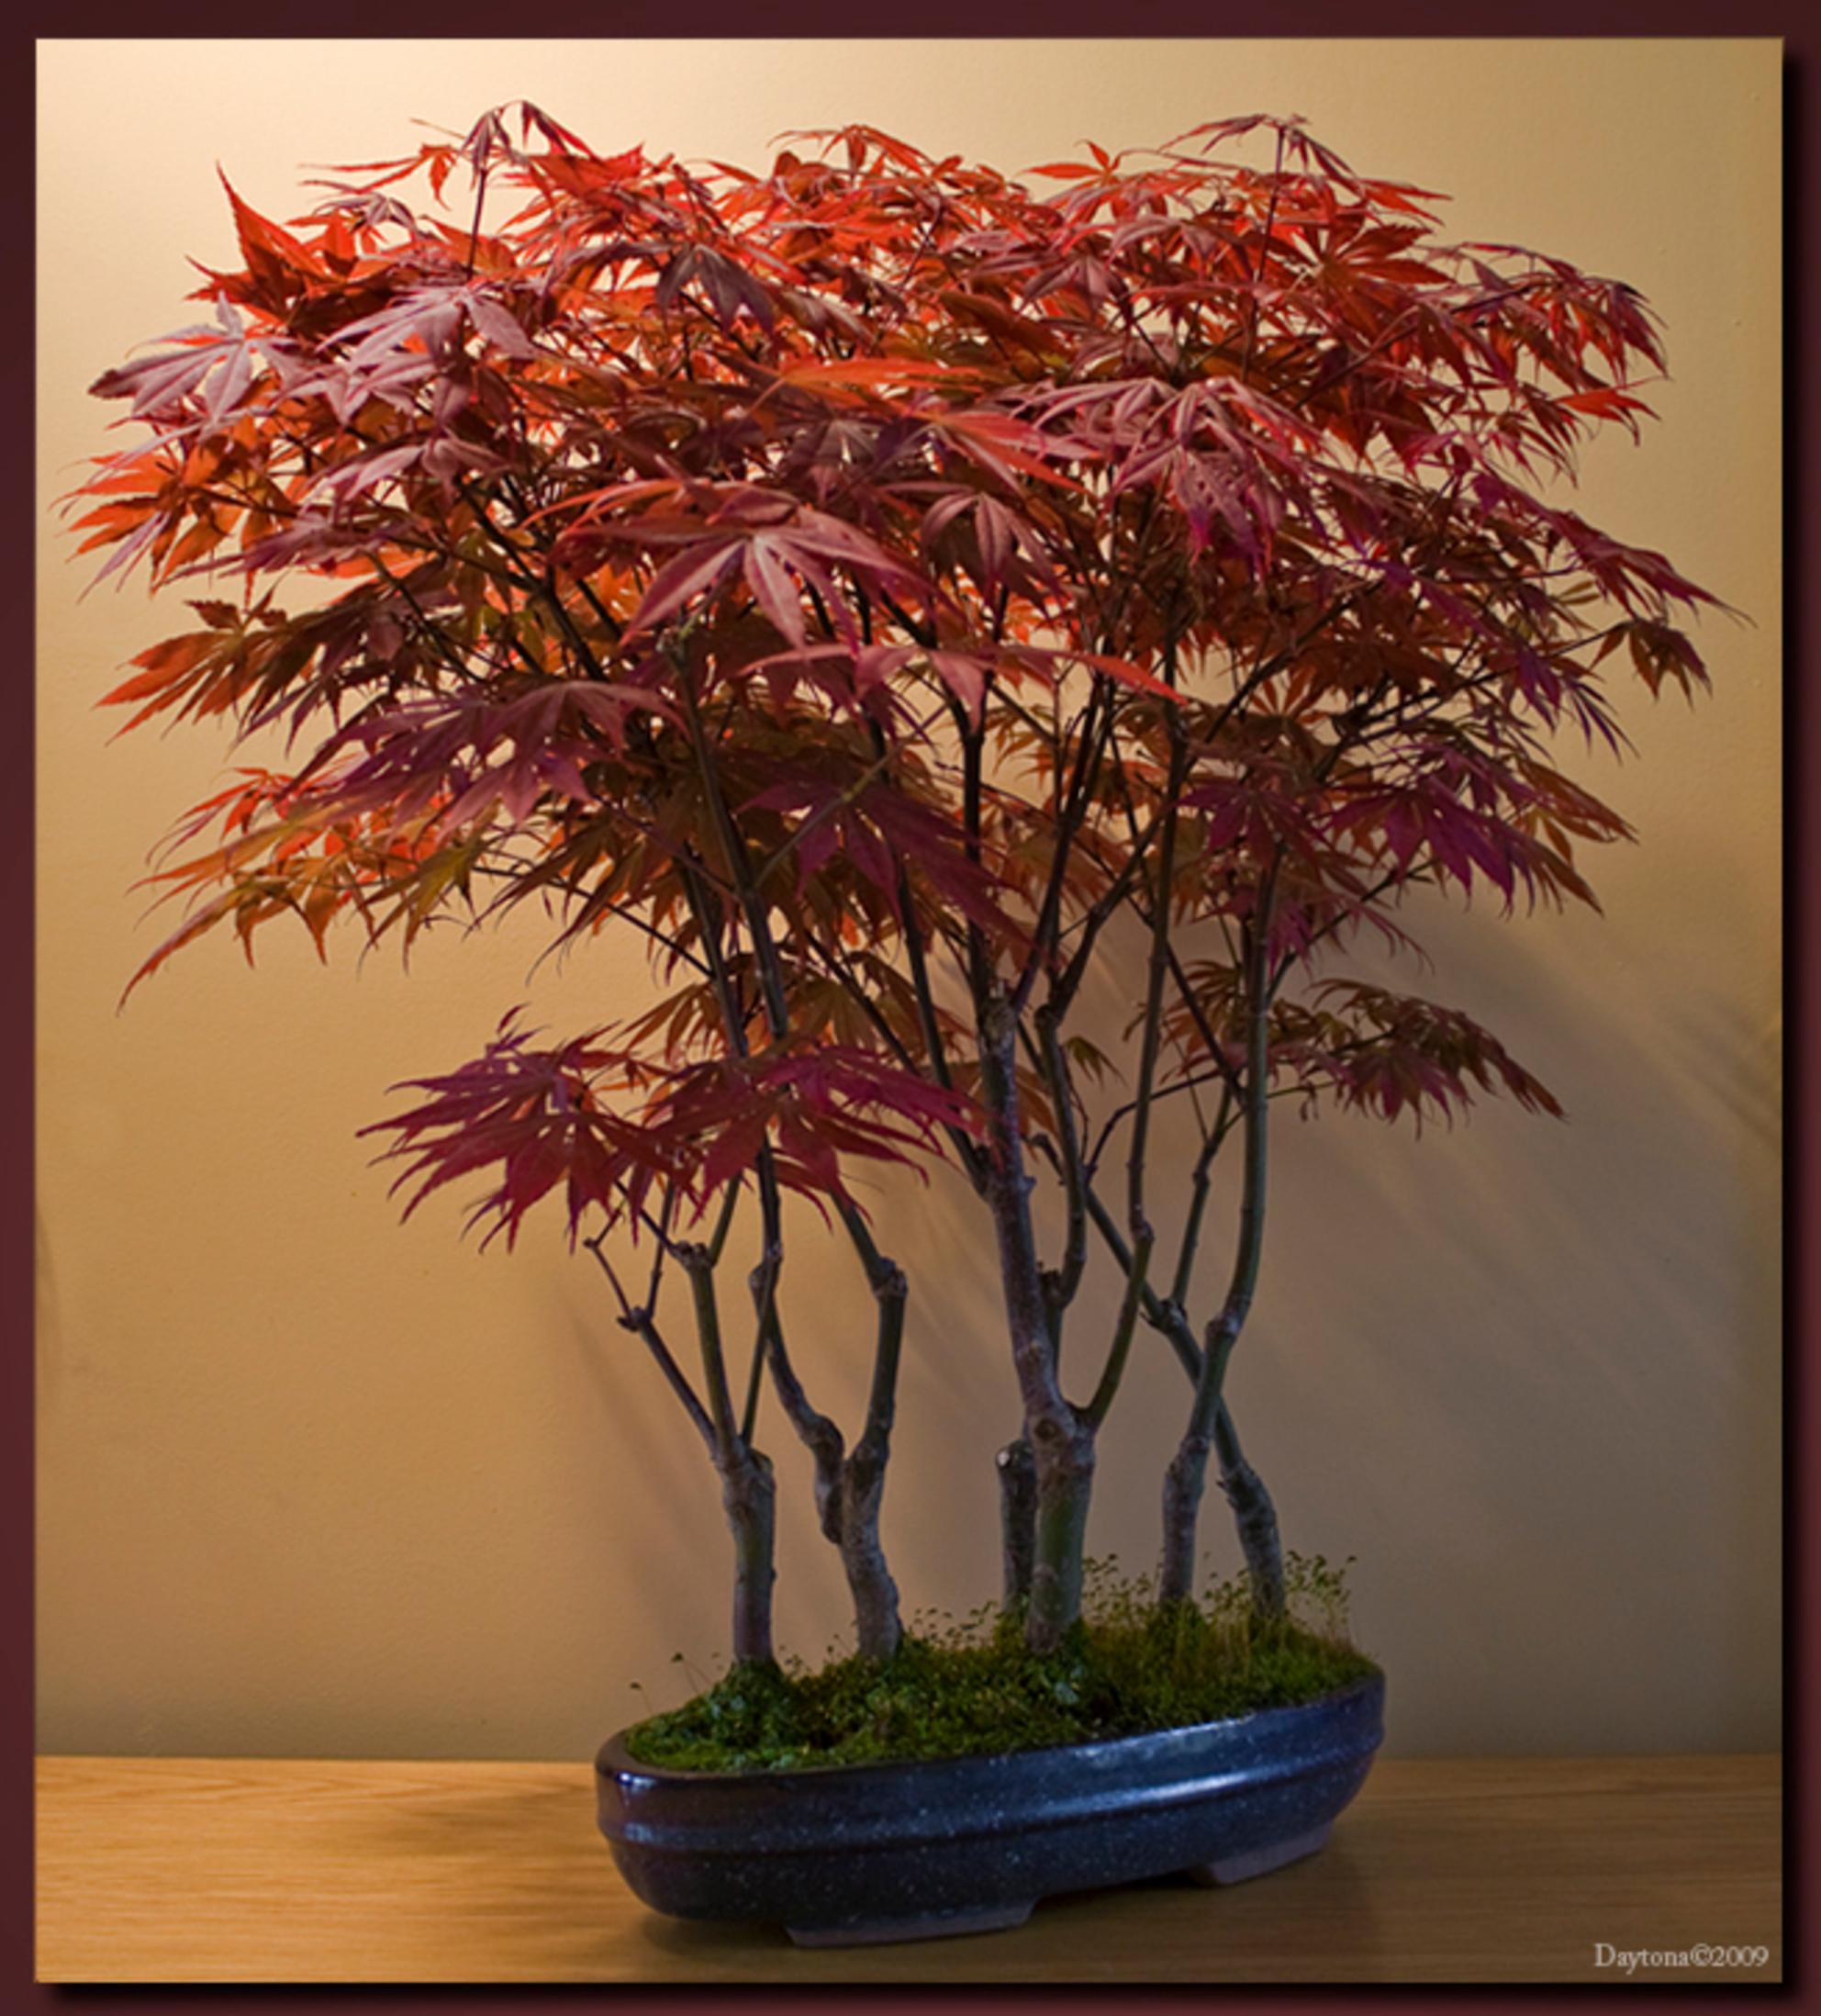 Bonsai 7 nu met blad - Nog even Bonsai 7 maar nu met blad. Dit Acer japonicum mini bos heeft ondertussen zijn rode bladerdek gekregen en nu had ik wat moeite met de belich - foto door Daytona_zoom op 14-04-2009 - deze foto bevat: gras, rood, boom, bladeren, mos, blad, bos, bomen, takken, tak, stam, takjes, blaadjes, acer, acerjaponicum, bonsai, stammen, boompjes, daytona, bonsai-s, japonicum - Deze foto mag gebruikt worden in een Zoom.nl publicatie